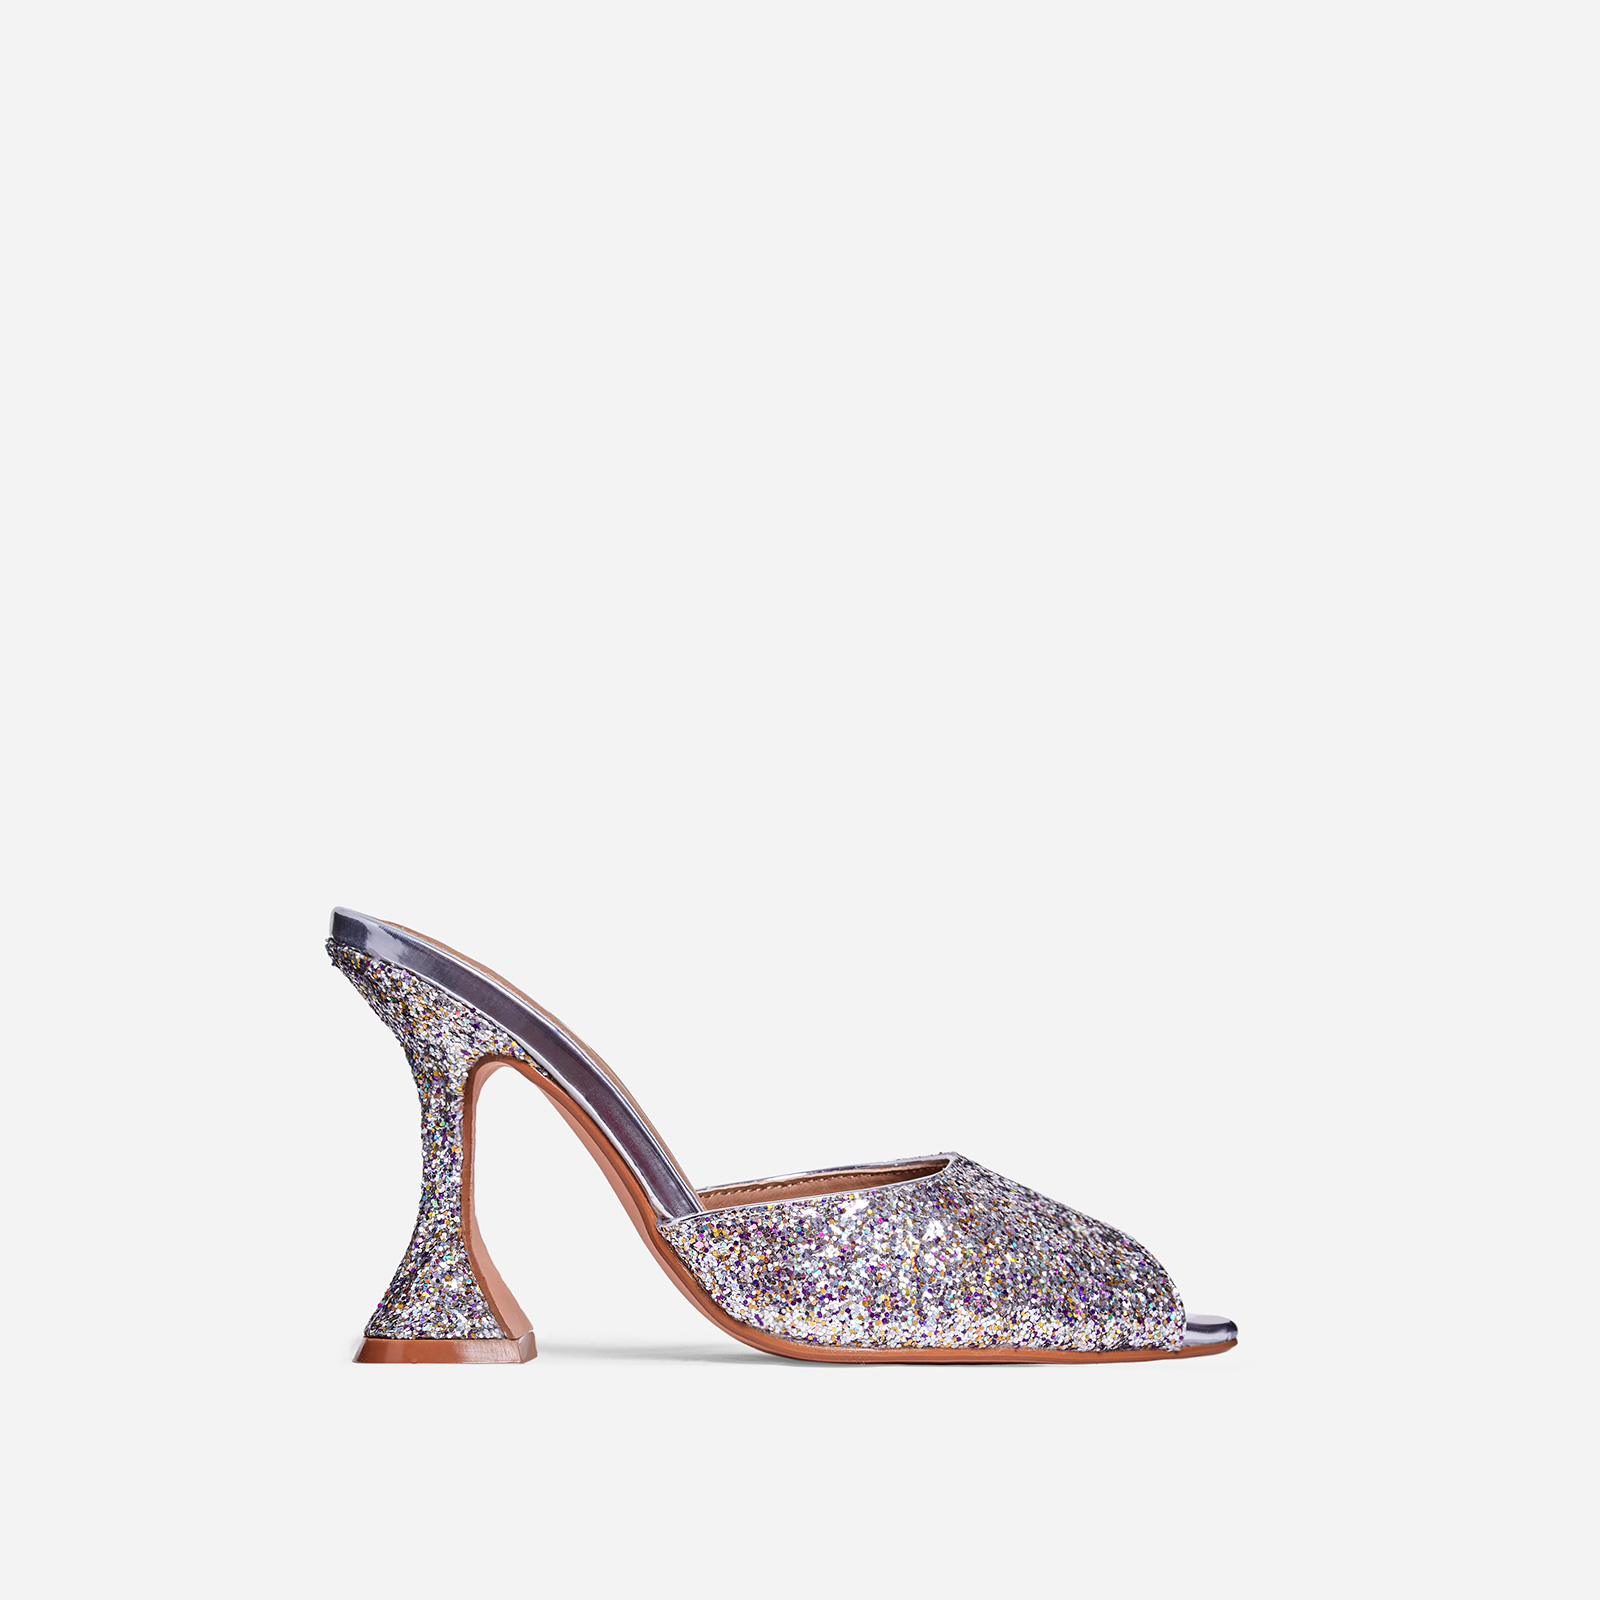 Jetset Peep Toe Pyramid Heel Mule In Silver Glitter